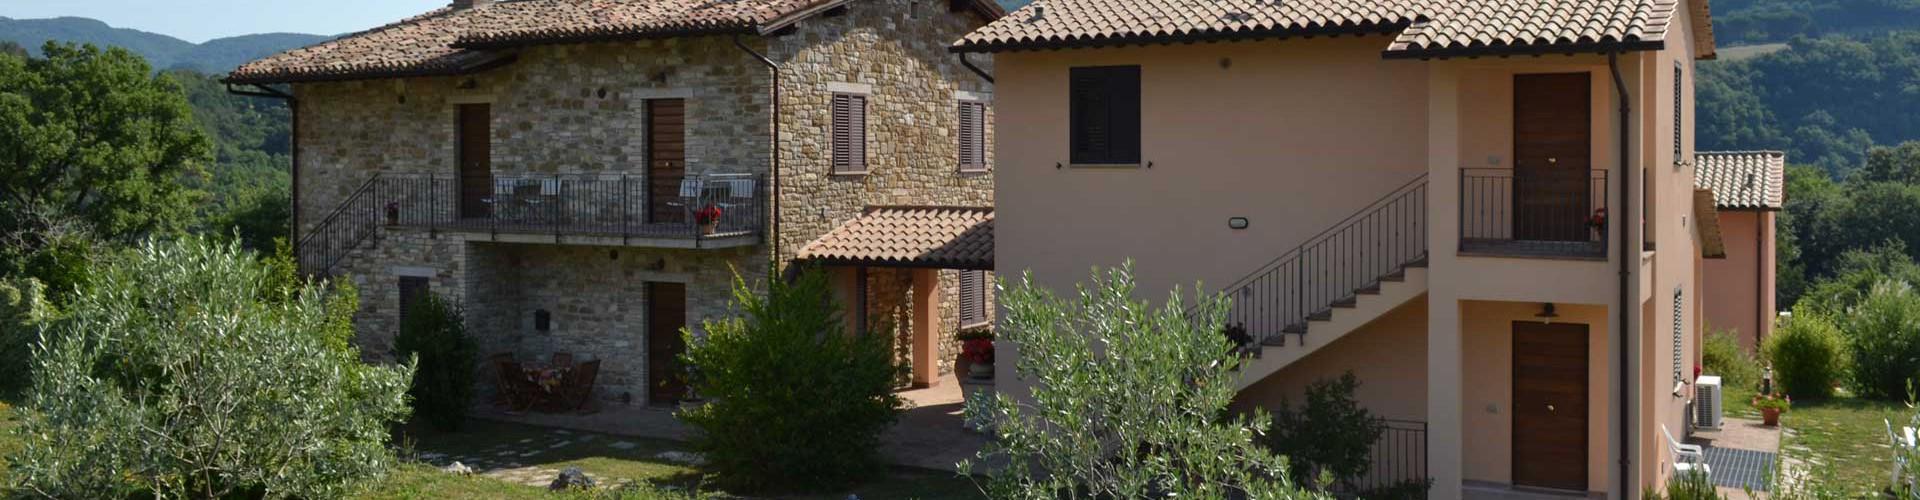 Relais Parco del Subasio | Agriturismo Assisi - Tariffe Featured Image